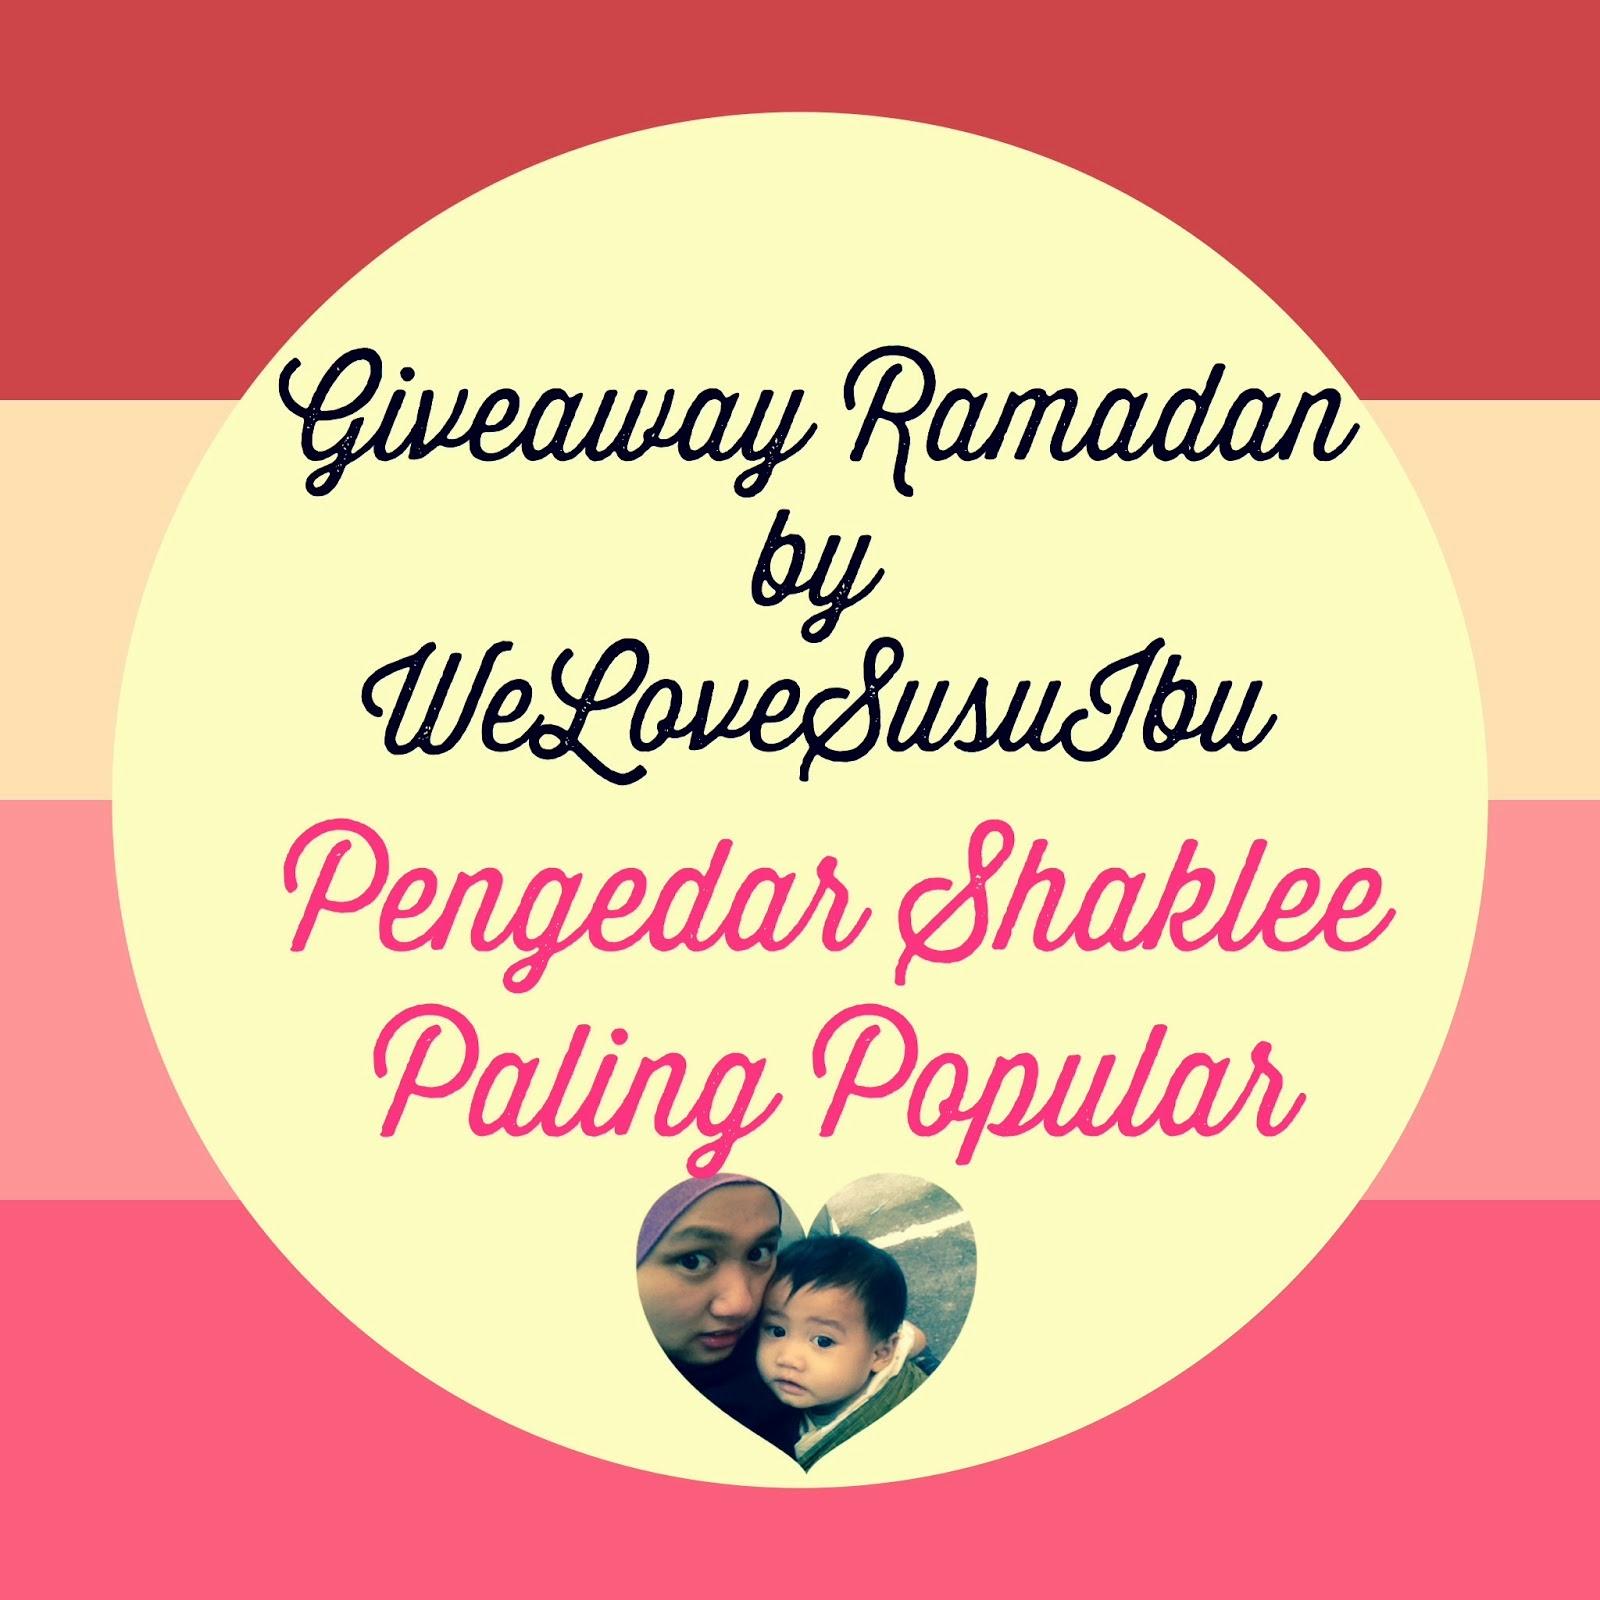 Ramadan Giveaway by WeLoveSusuIbu (Pengedar Shaklee Paling Popular)